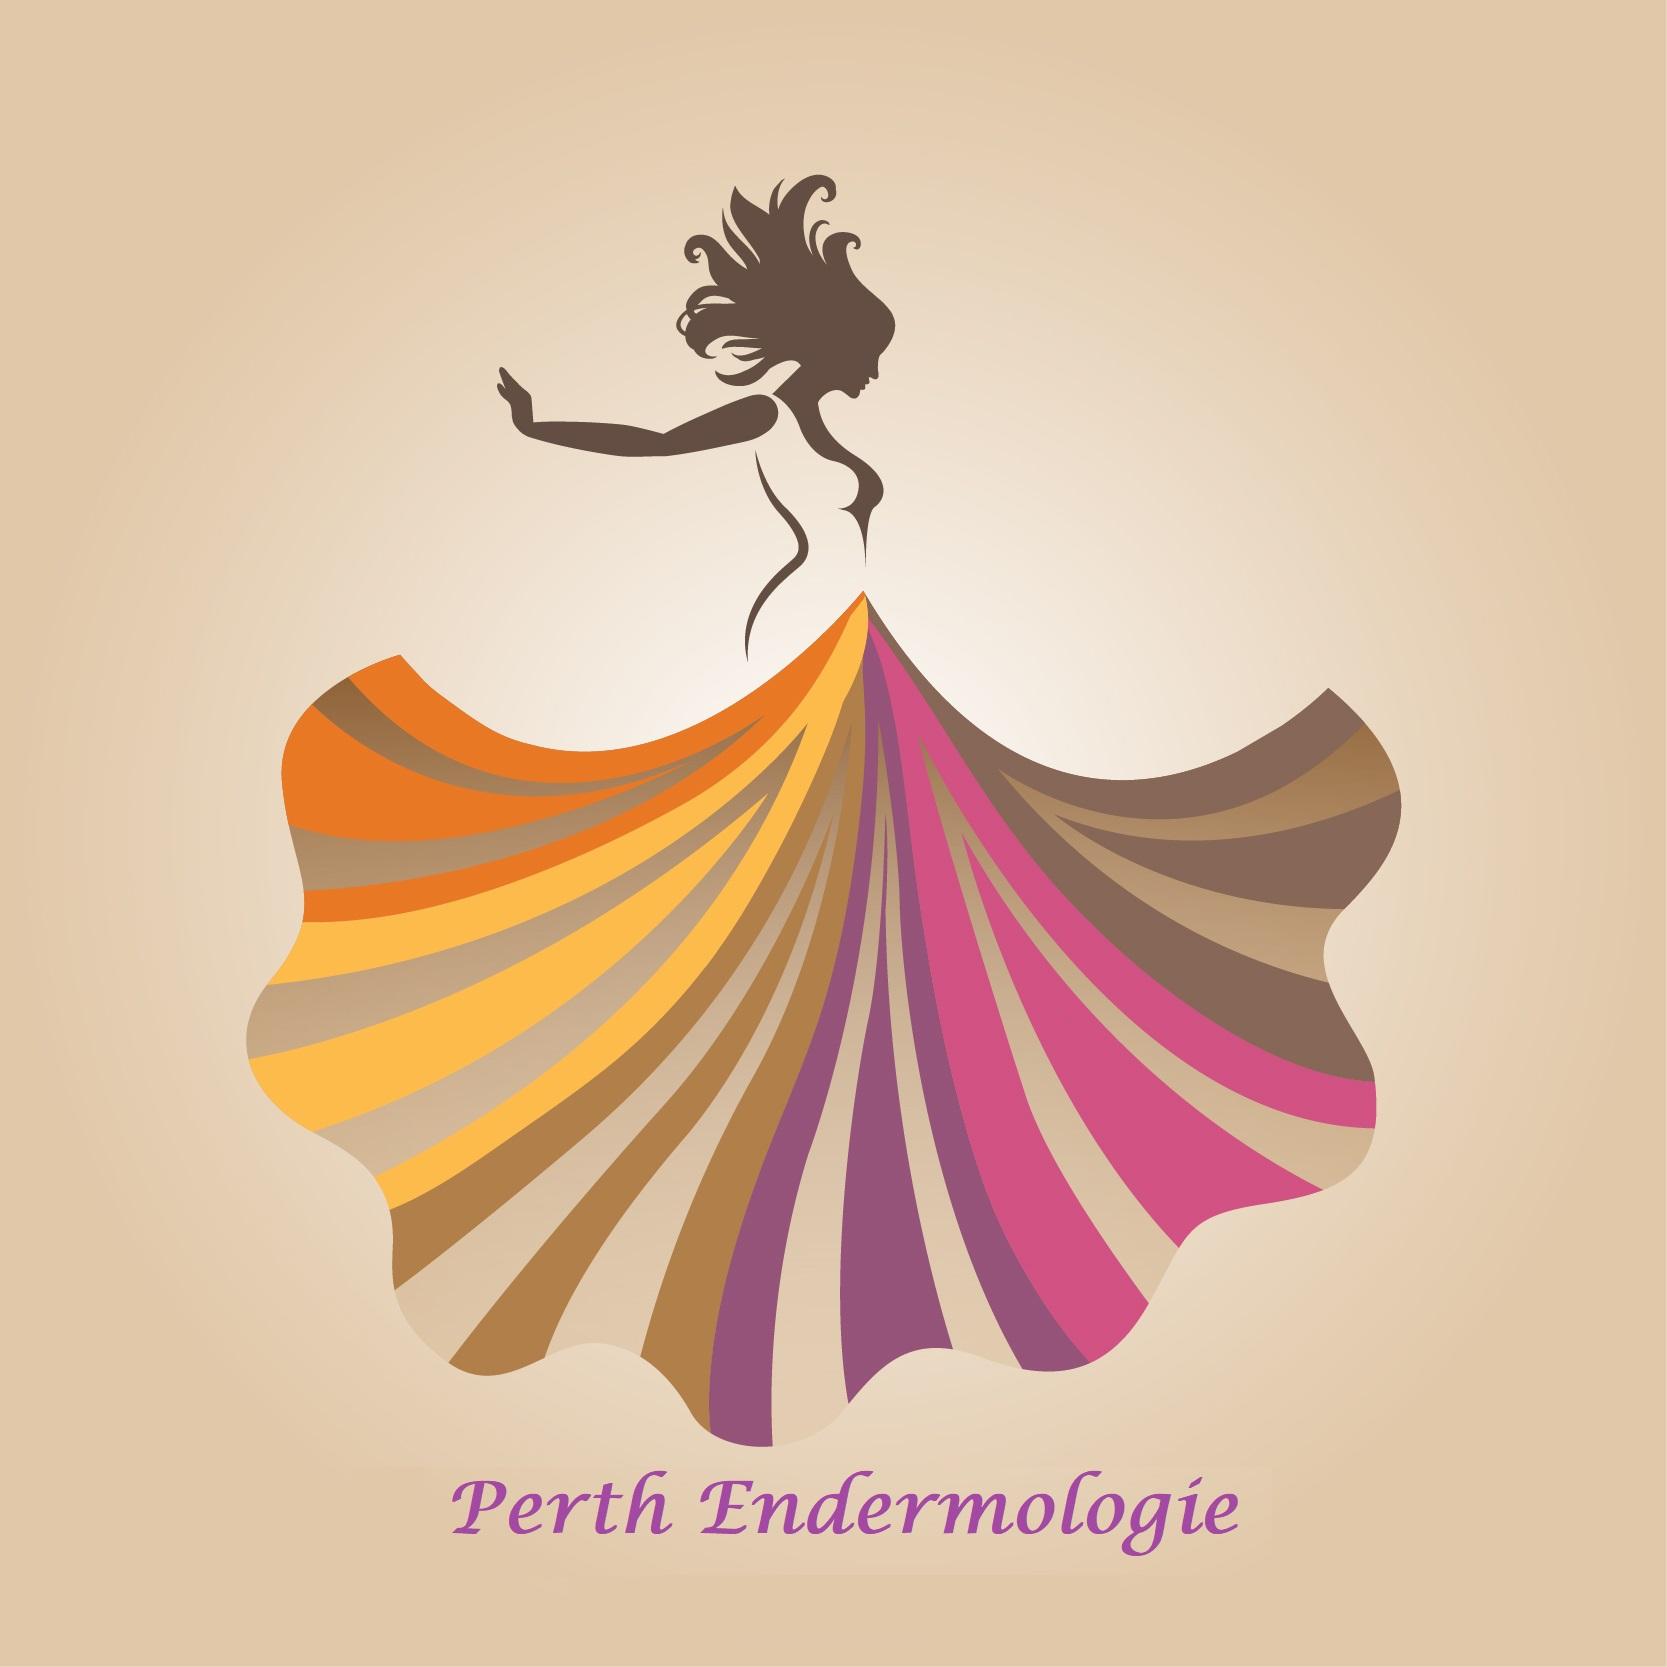 Perth Endermologie Bookings